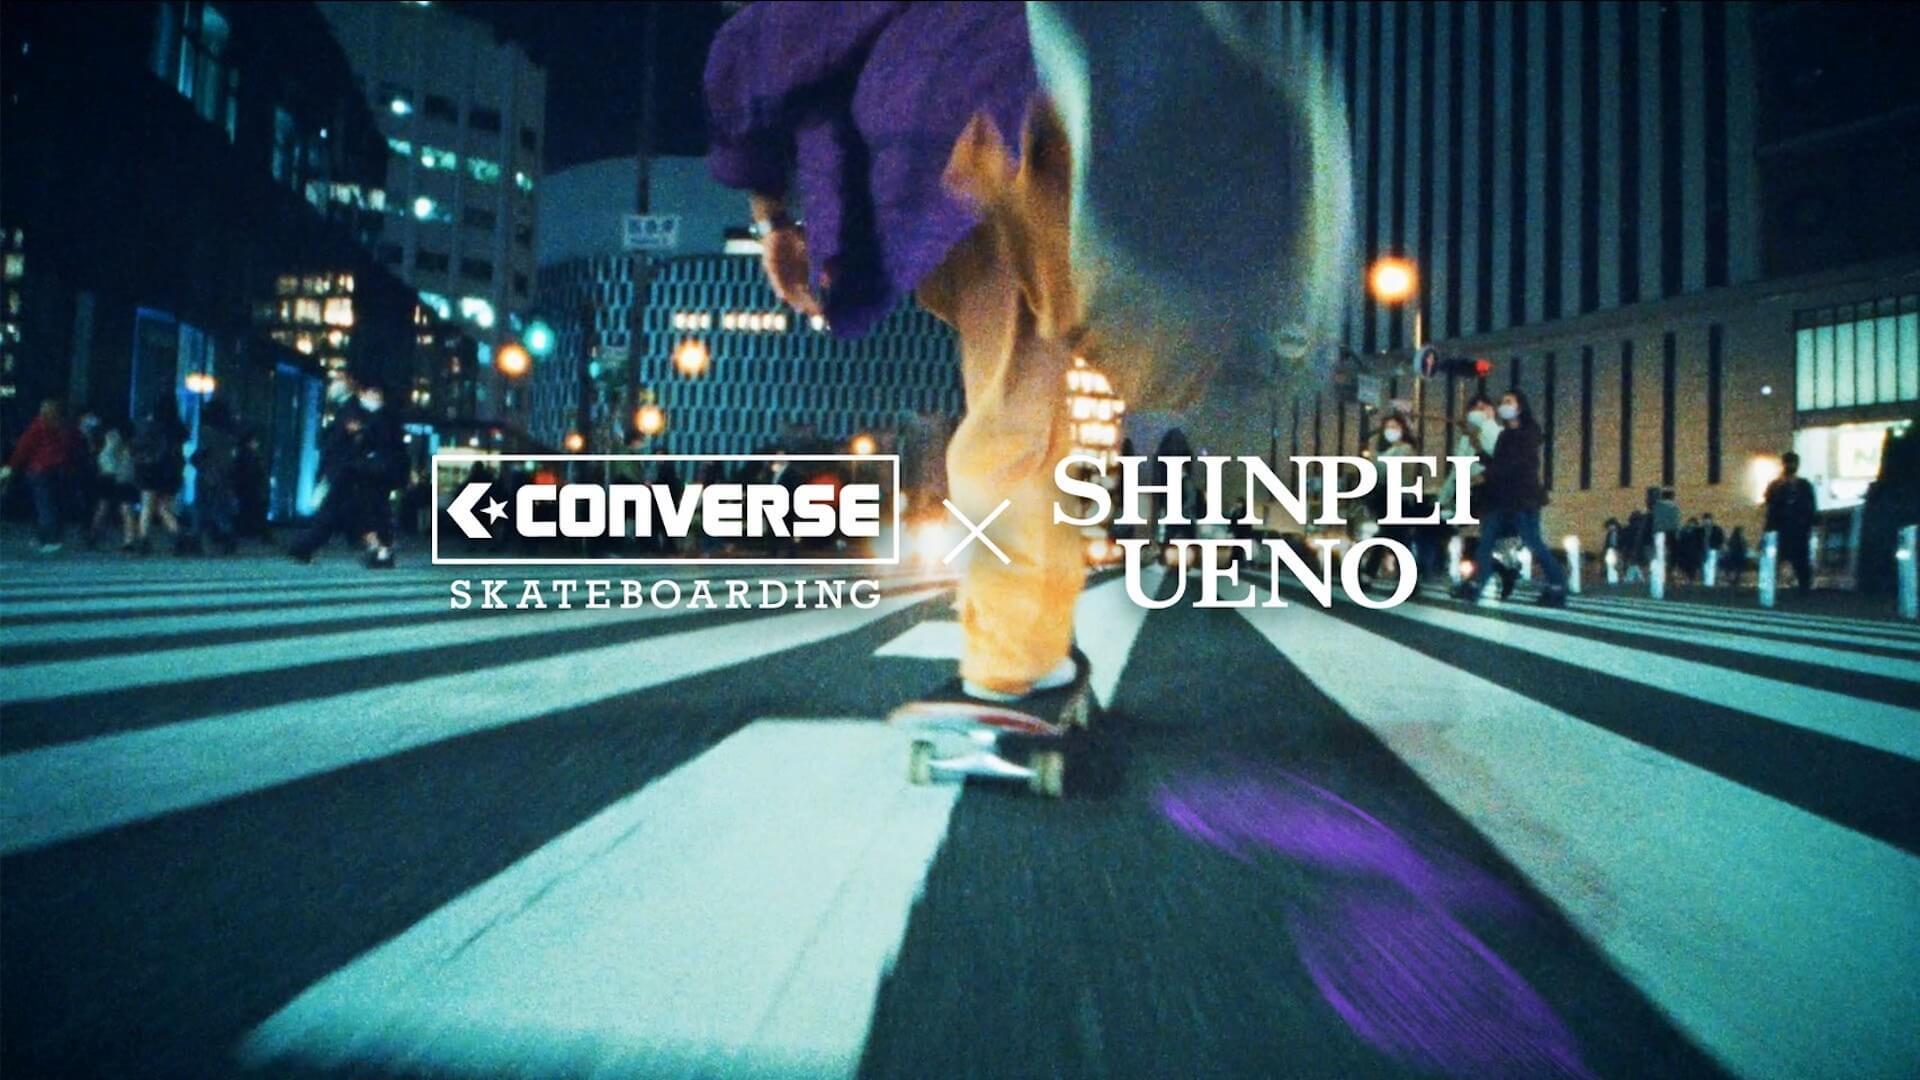 CONVERSE SKATEBOARDINGからTIGHTBOOTH・上野伸平シグネチャーモデルが発売決定!16mmフィルムで撮影したショートクリップも公開 life210209_converse_uenoshinpei_9